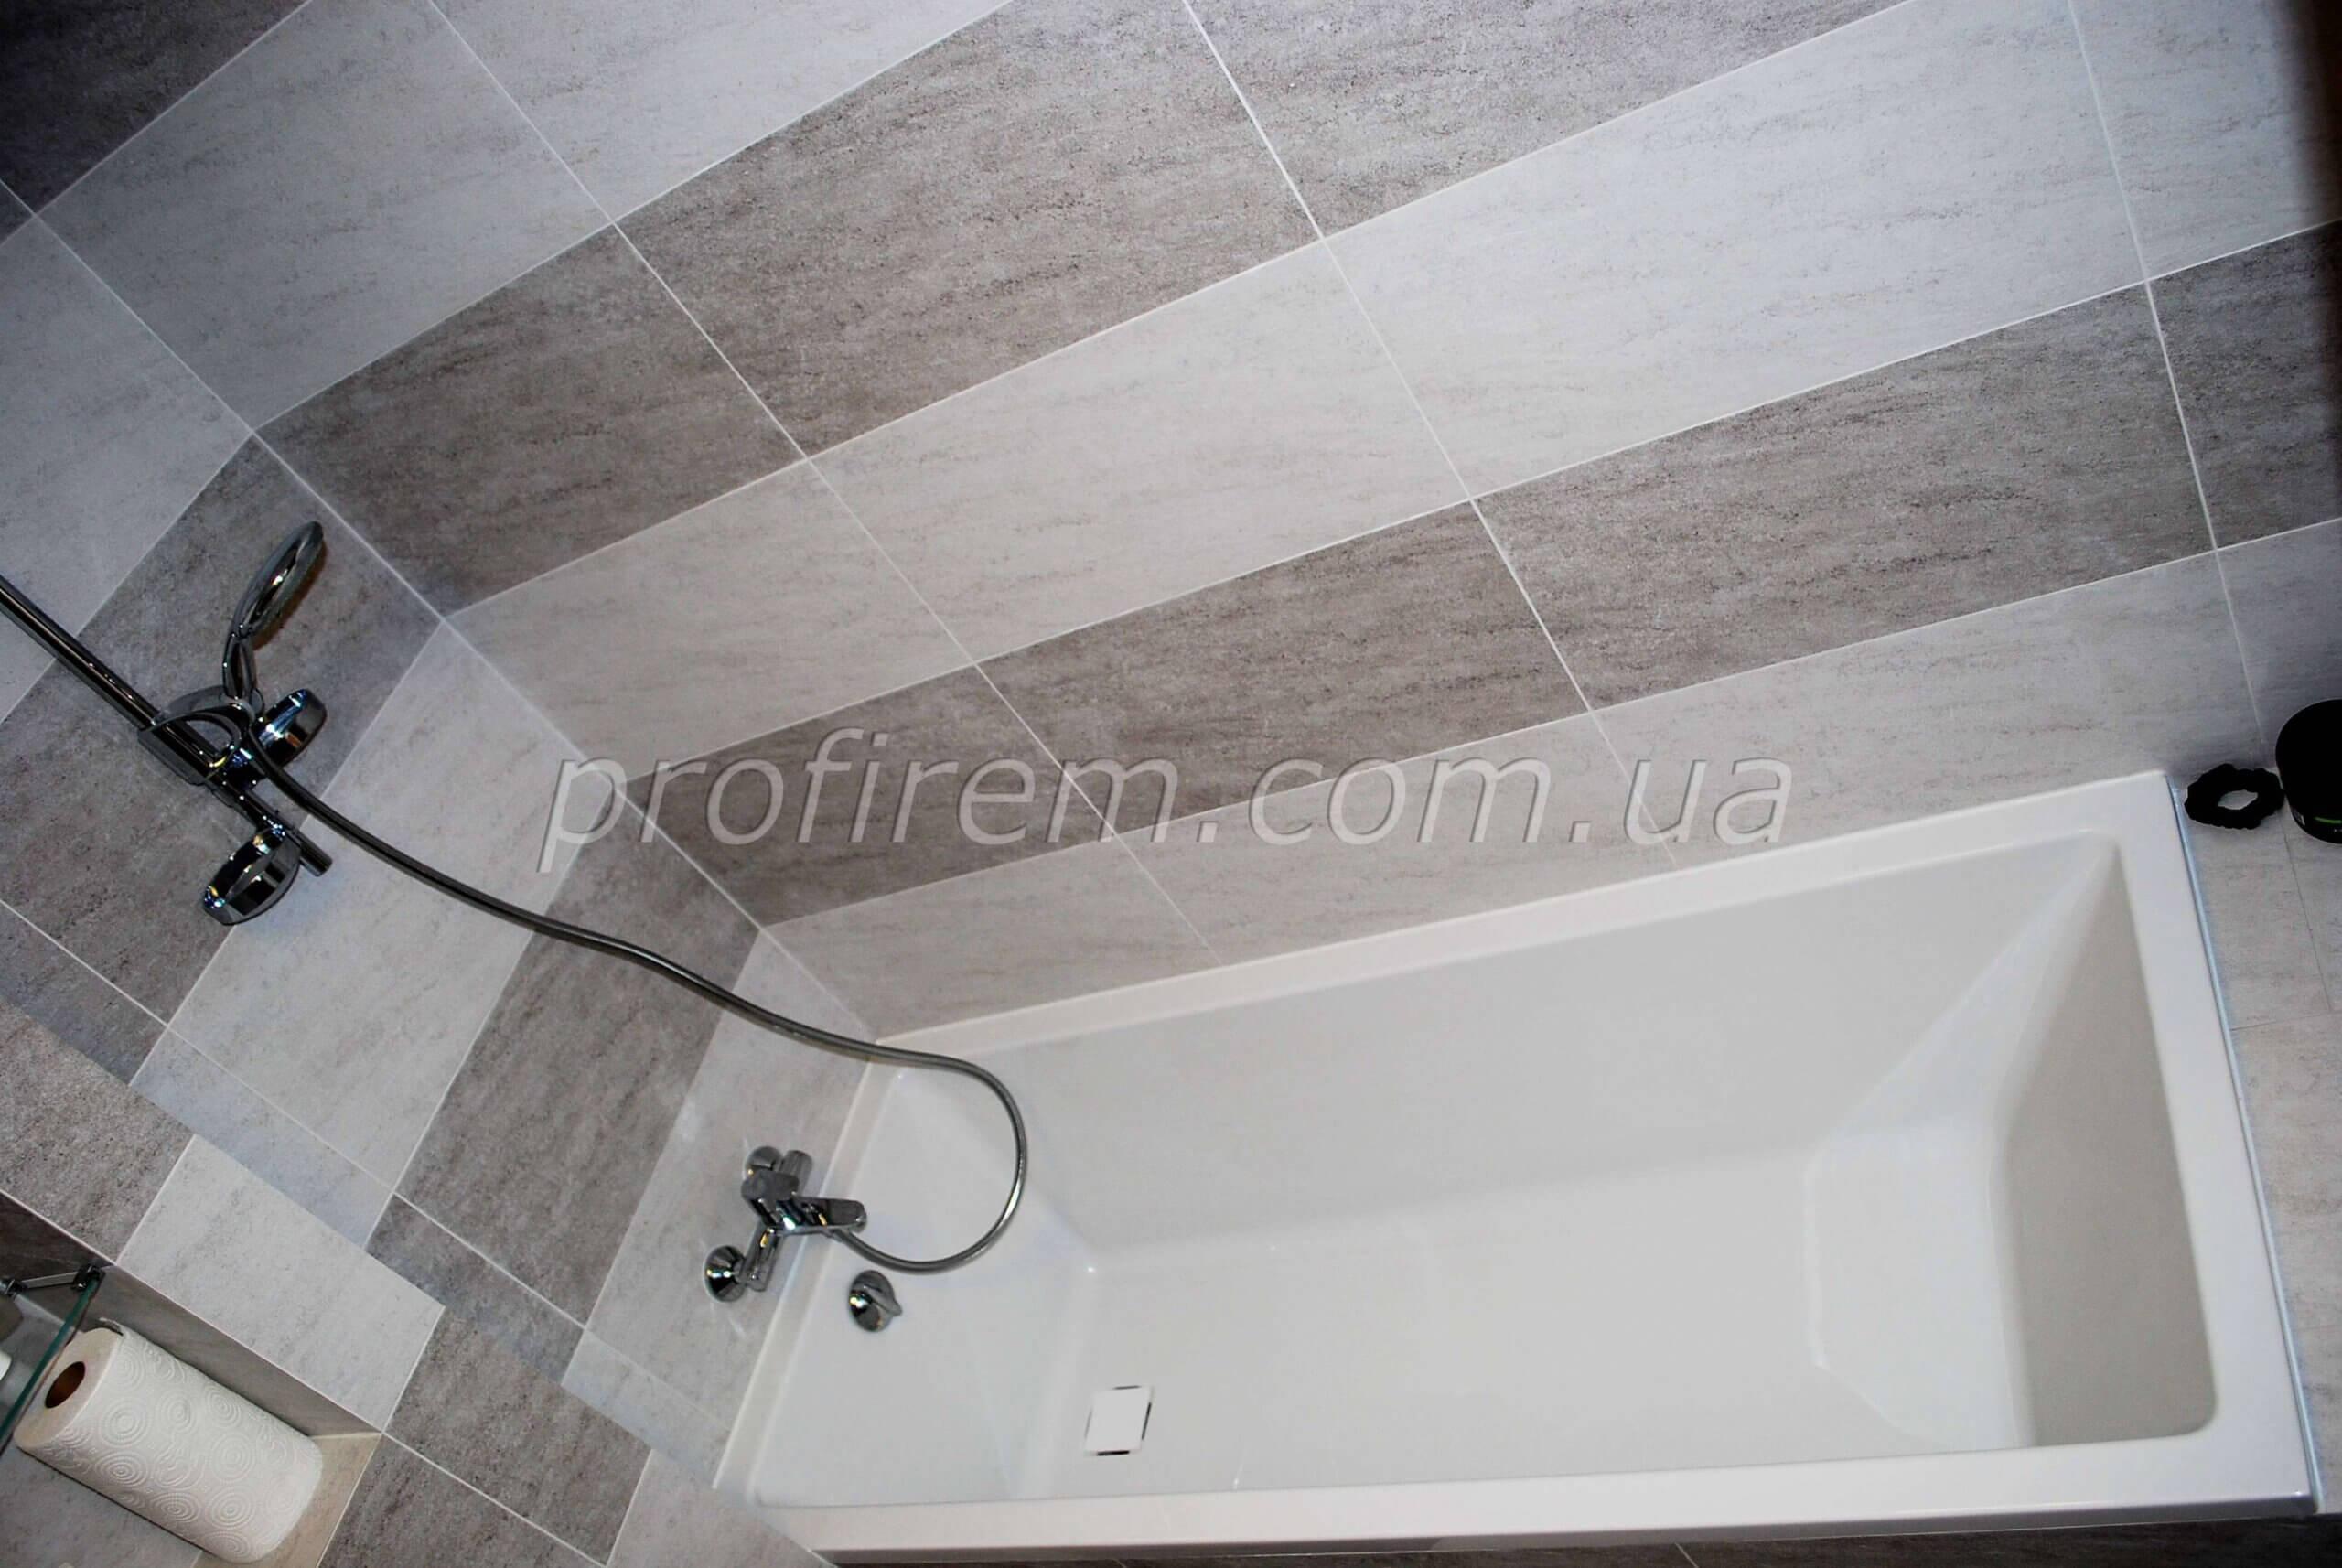 Фотография ремонта ванной